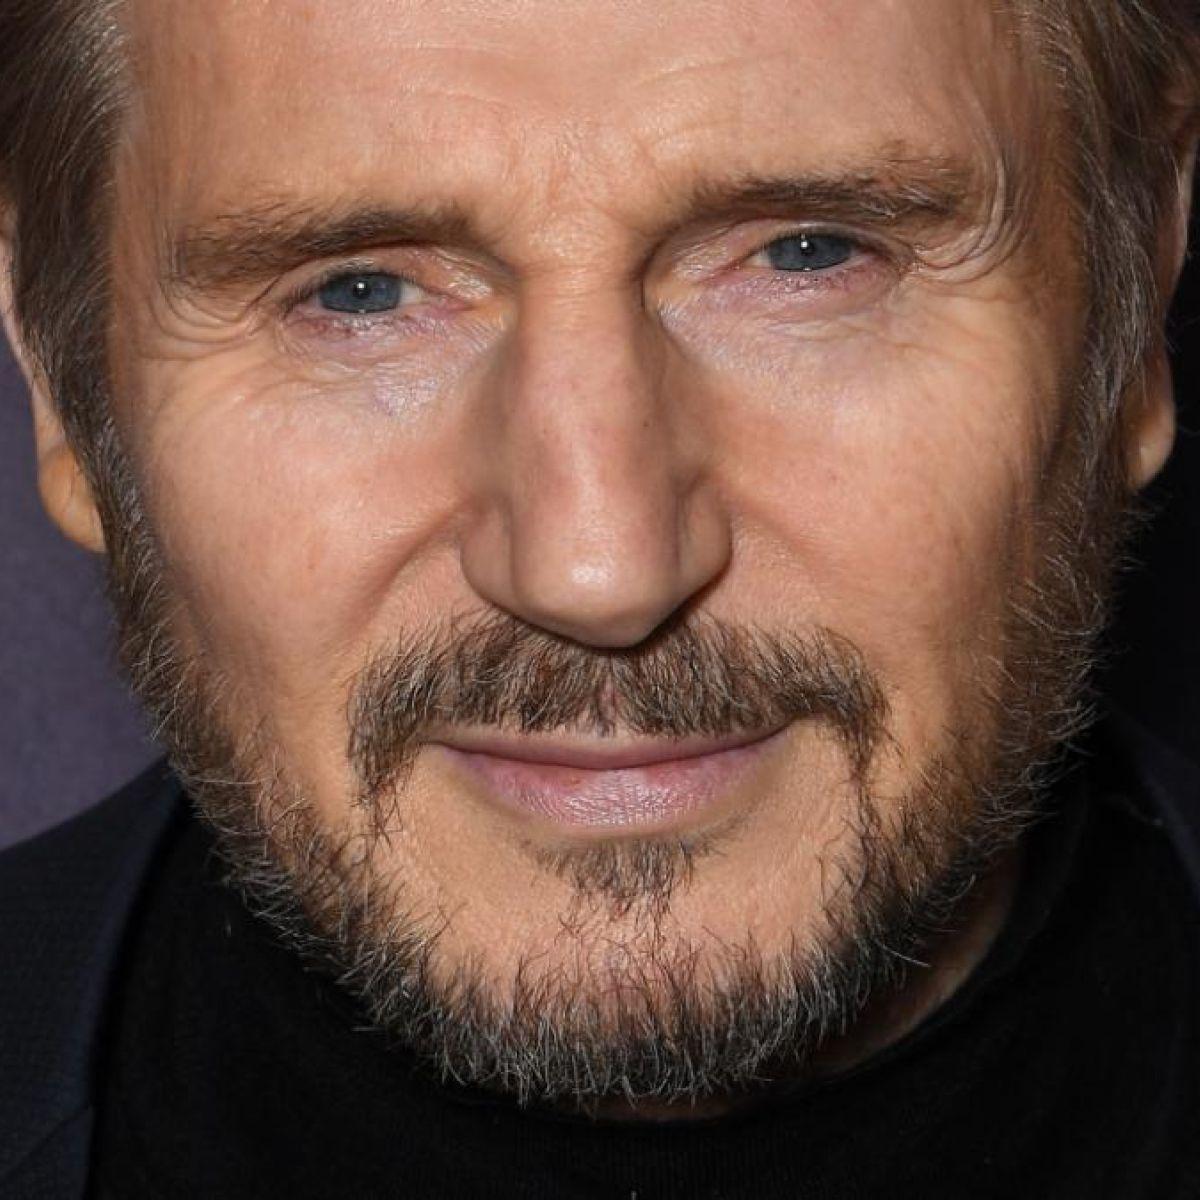 Liam Neeson (born 1952 (naturalized American citizen) Liam Neeson (born 1952 (naturalized American citizen) new pics